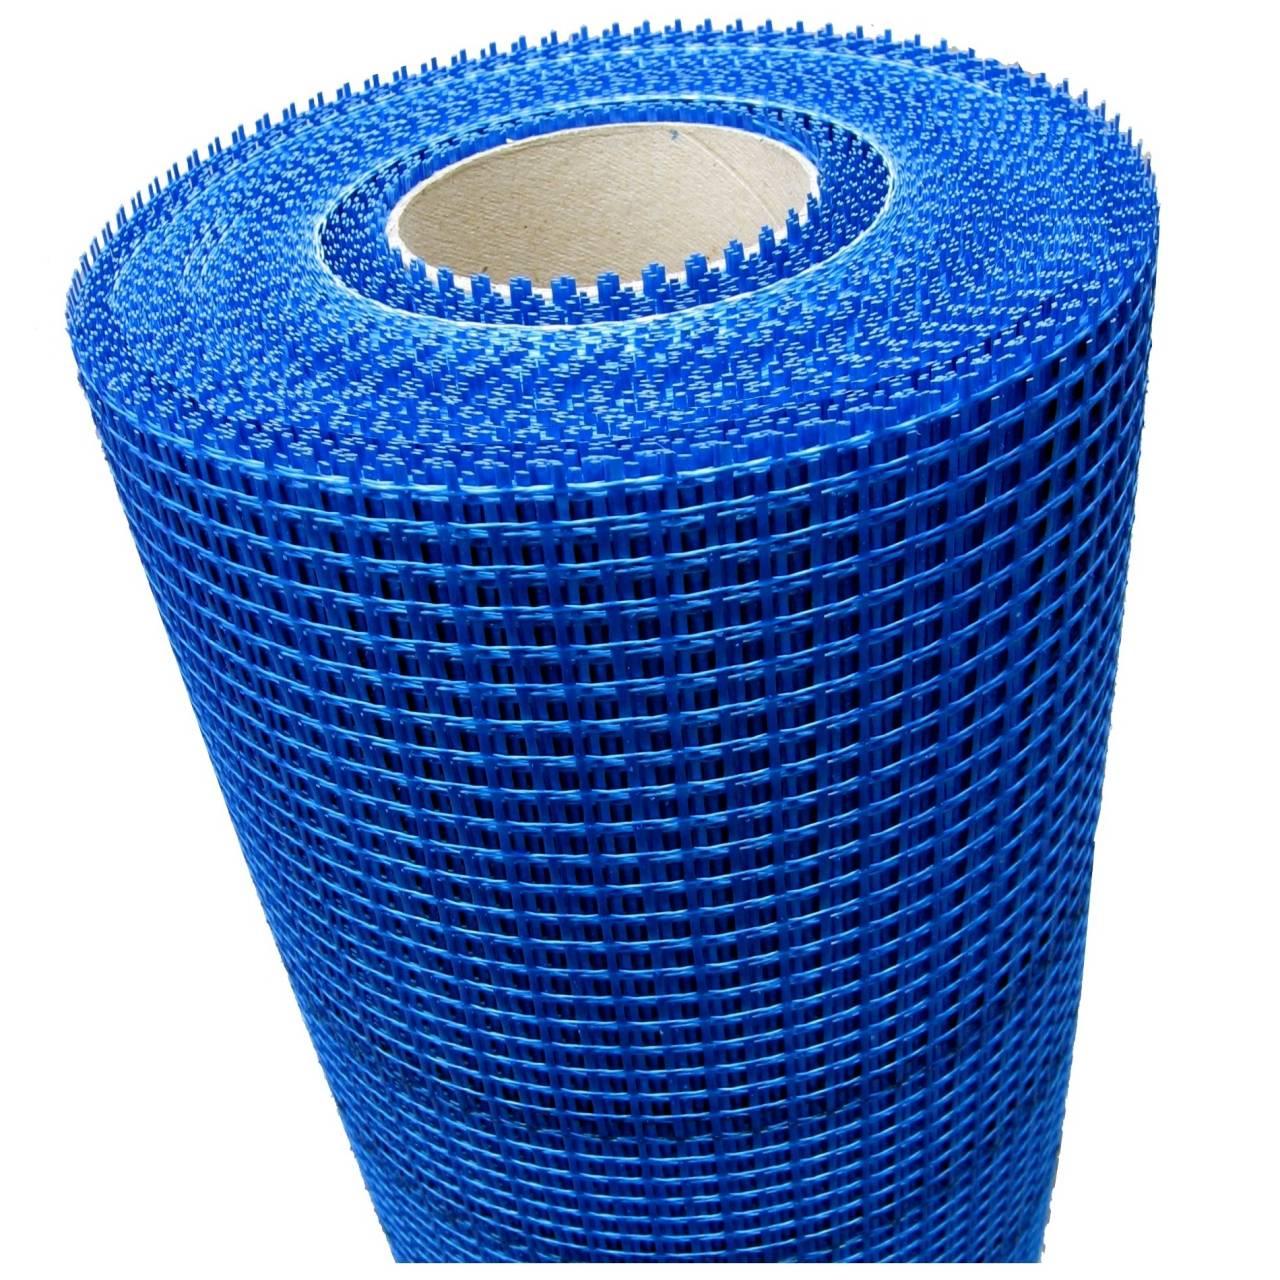 Aussenputzgewebe 13 x 13 blau / Rolle 3 x 0,33 x 100 m / Pal a 12 Rollen